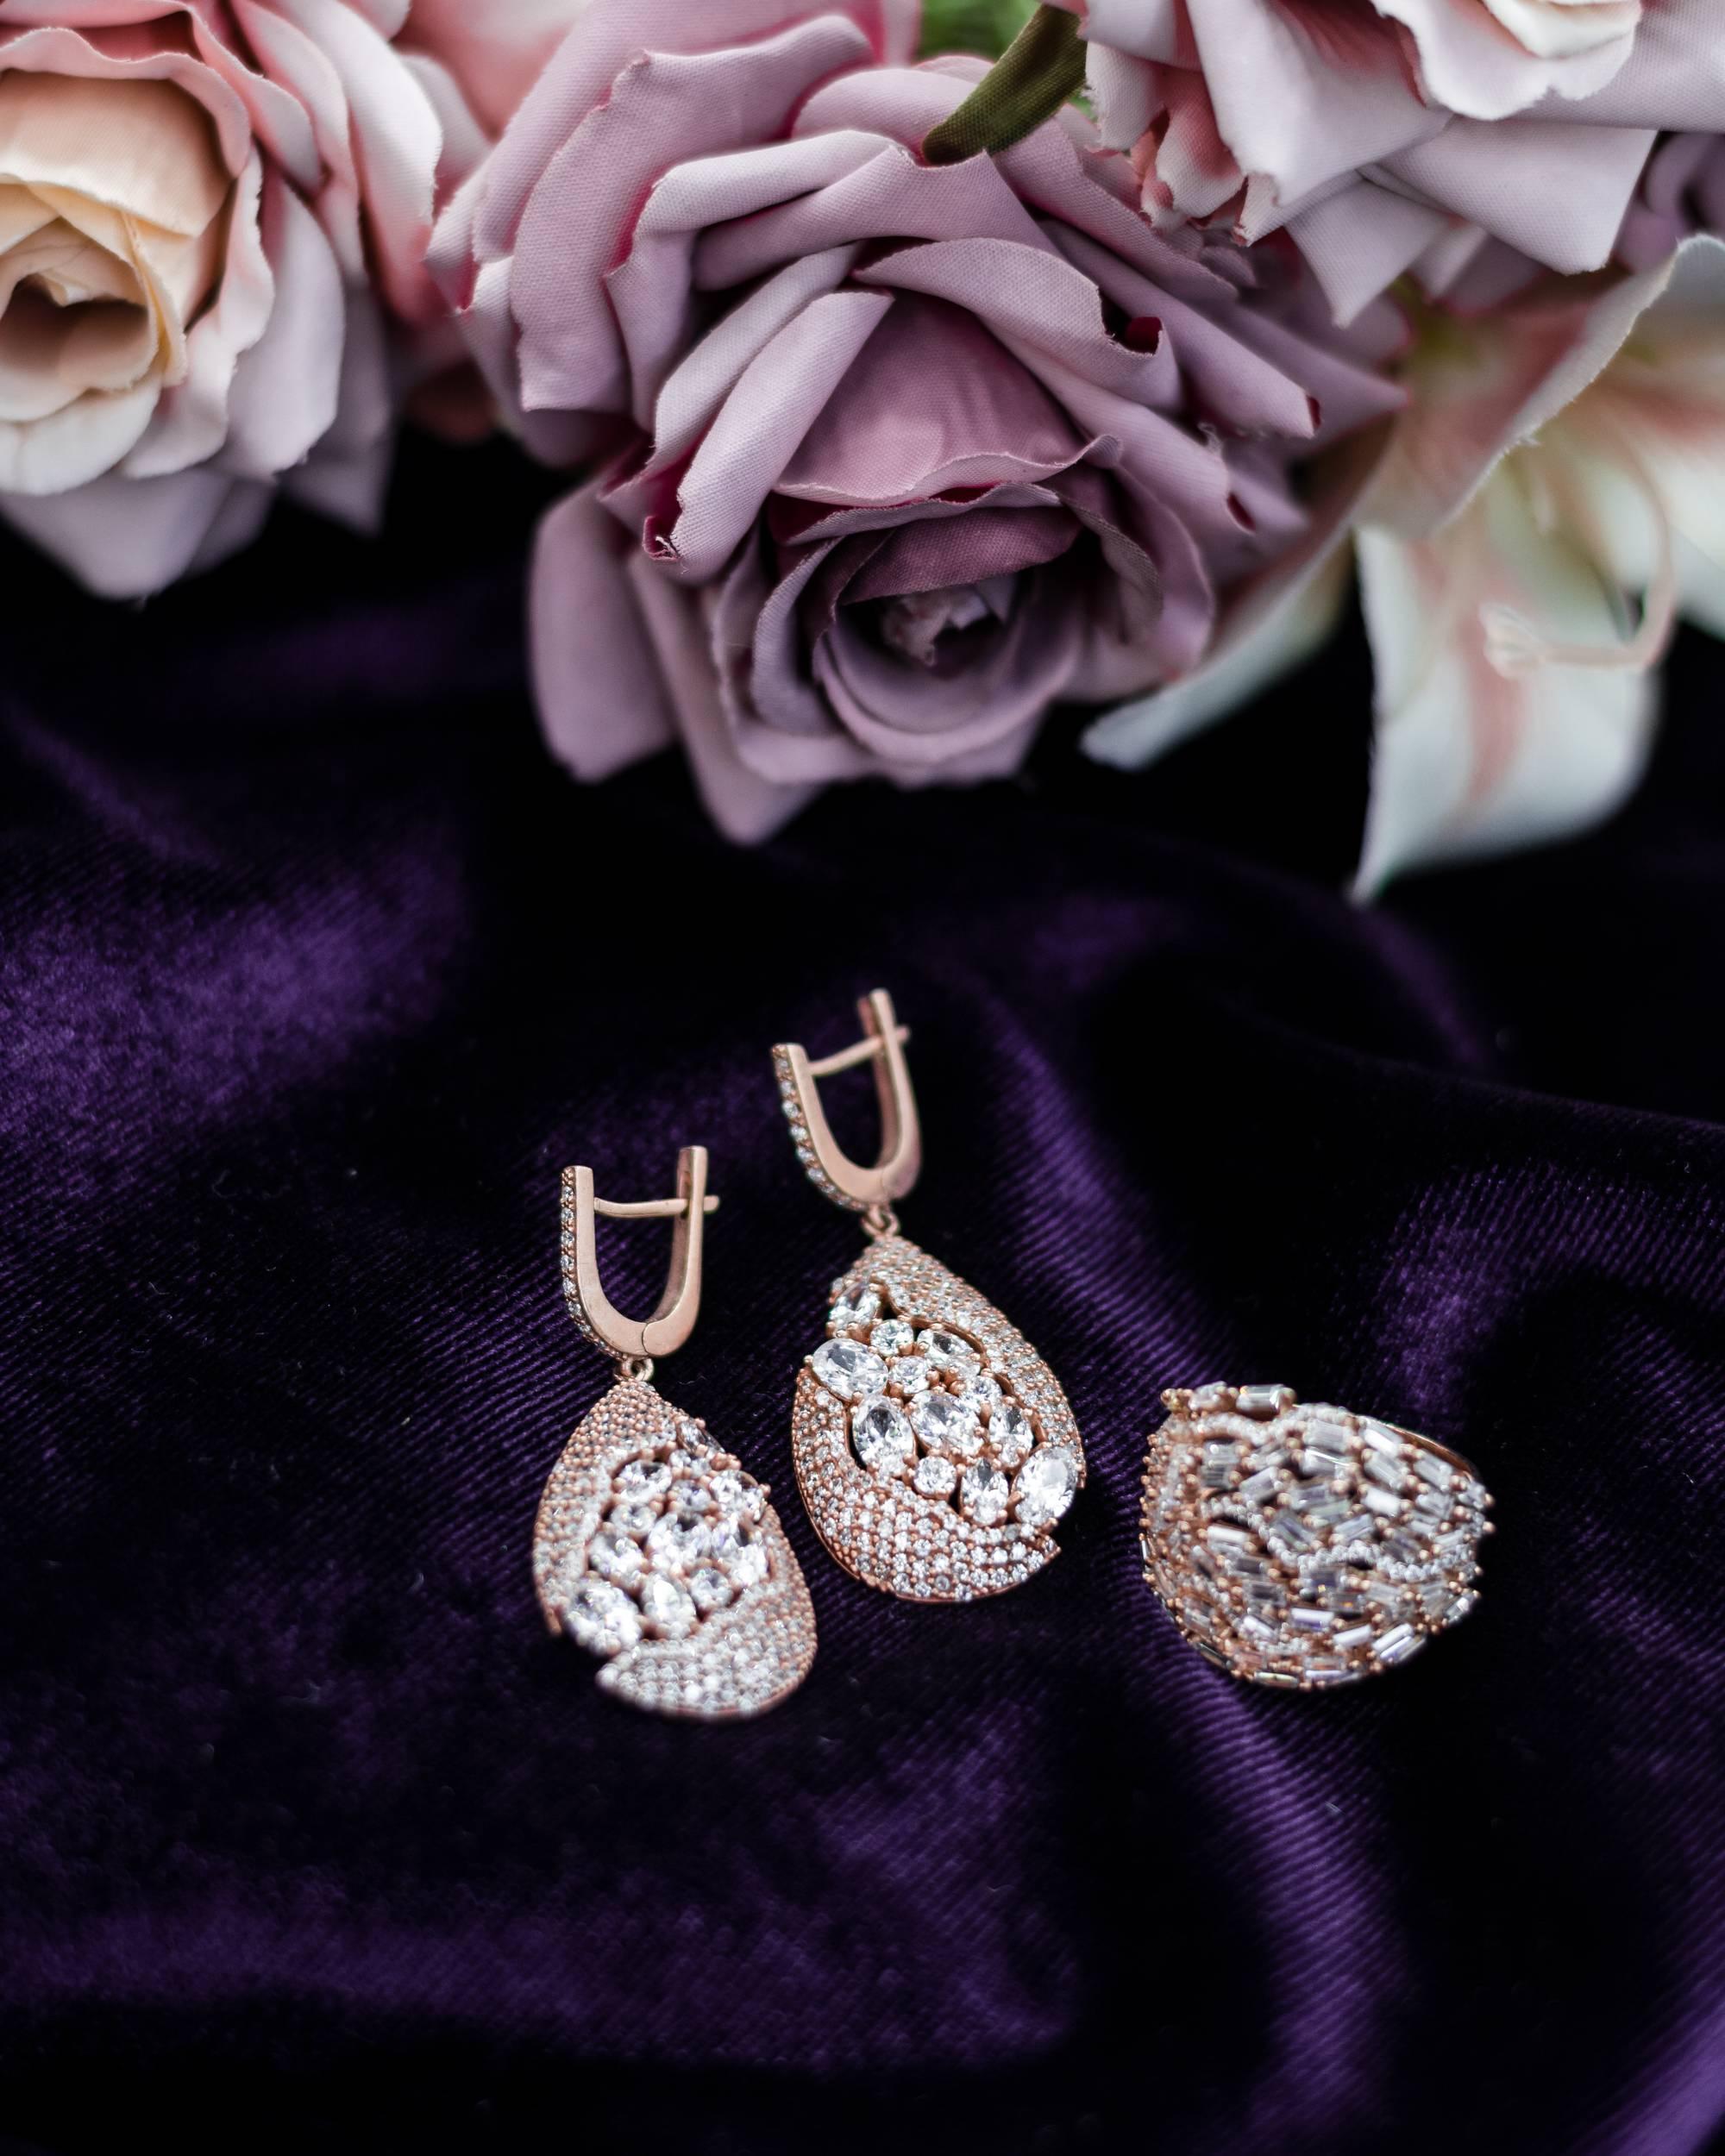 Double-J-Accessories-la-marque-de-bijoux-libanaise-engagee-2-6